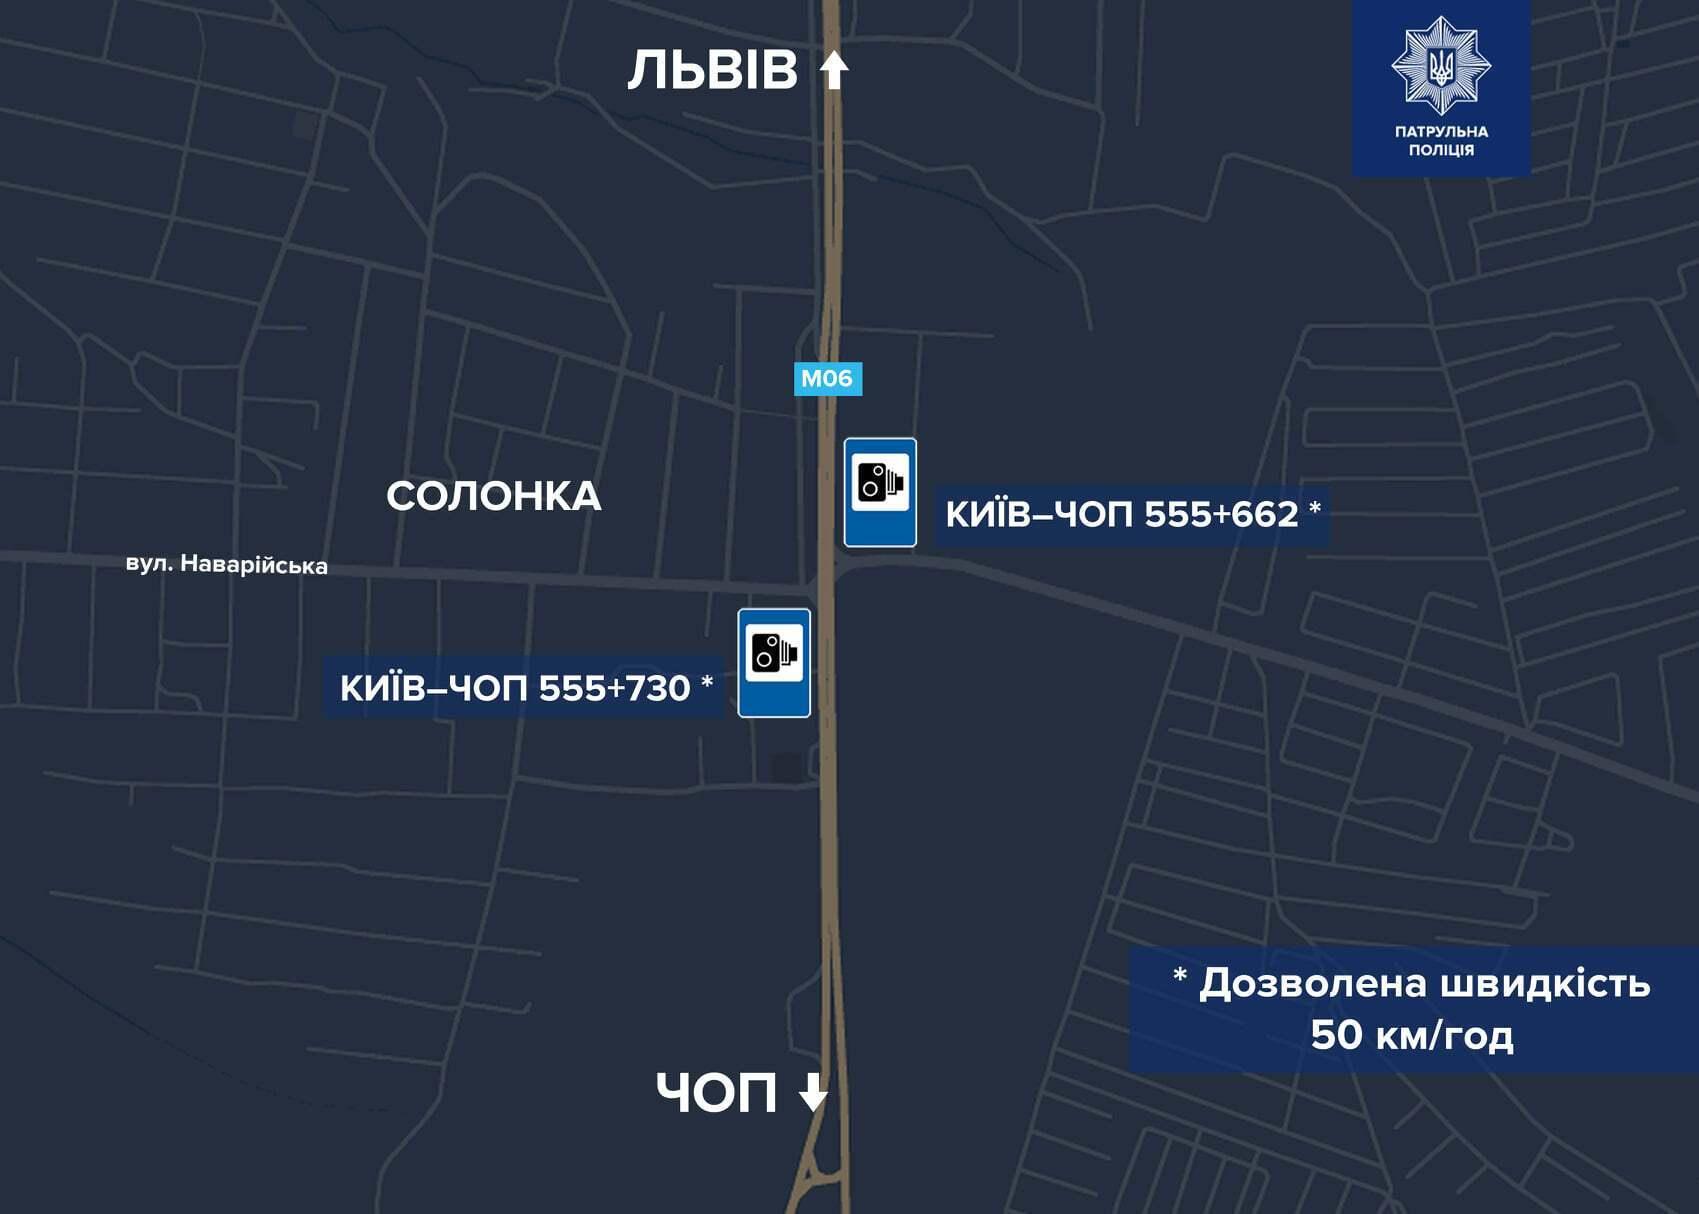 Две камеры установят вблизи села Солонка.